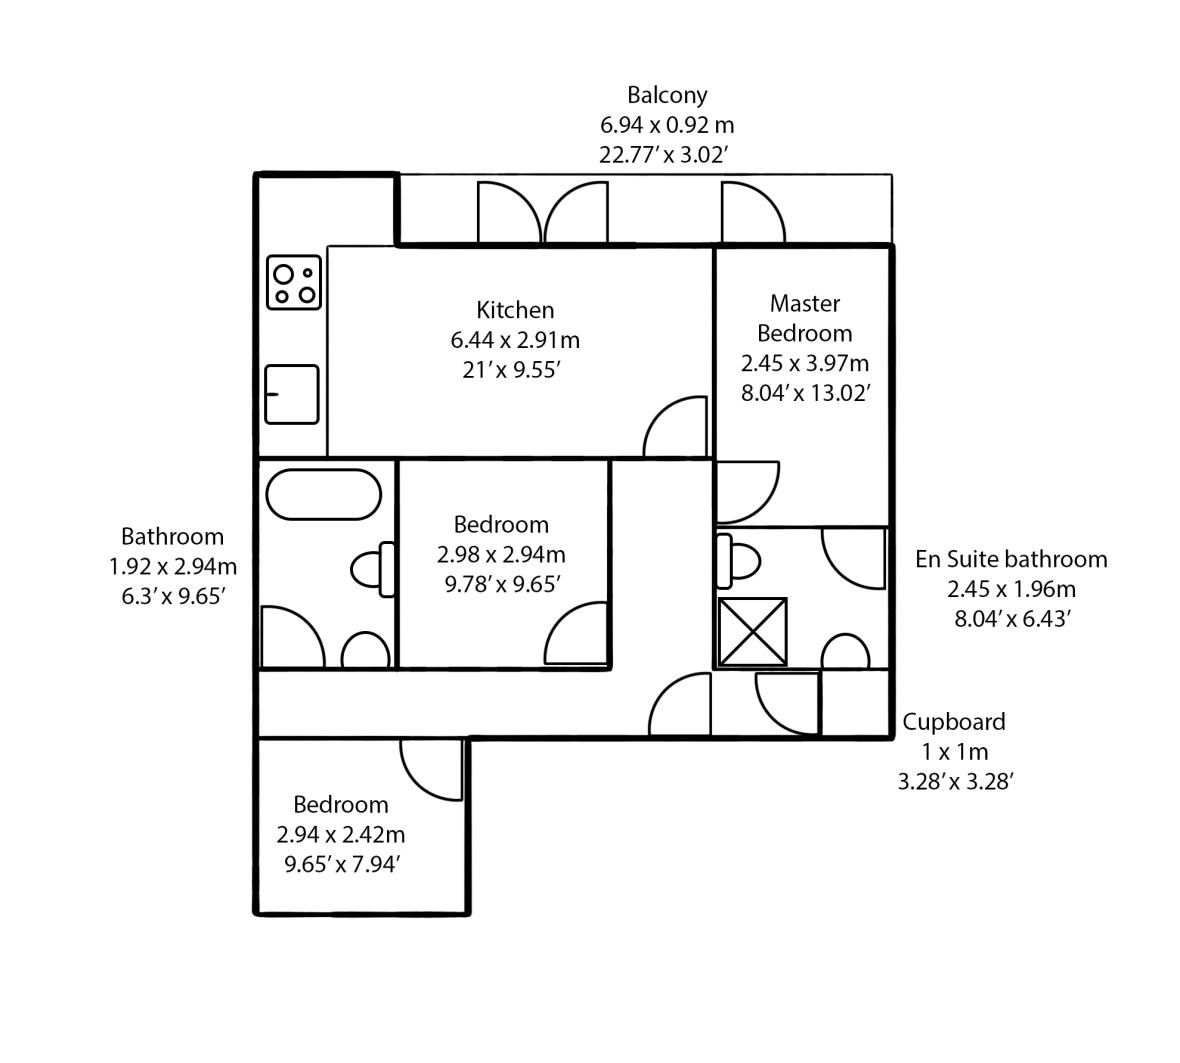 3 bed flat plan